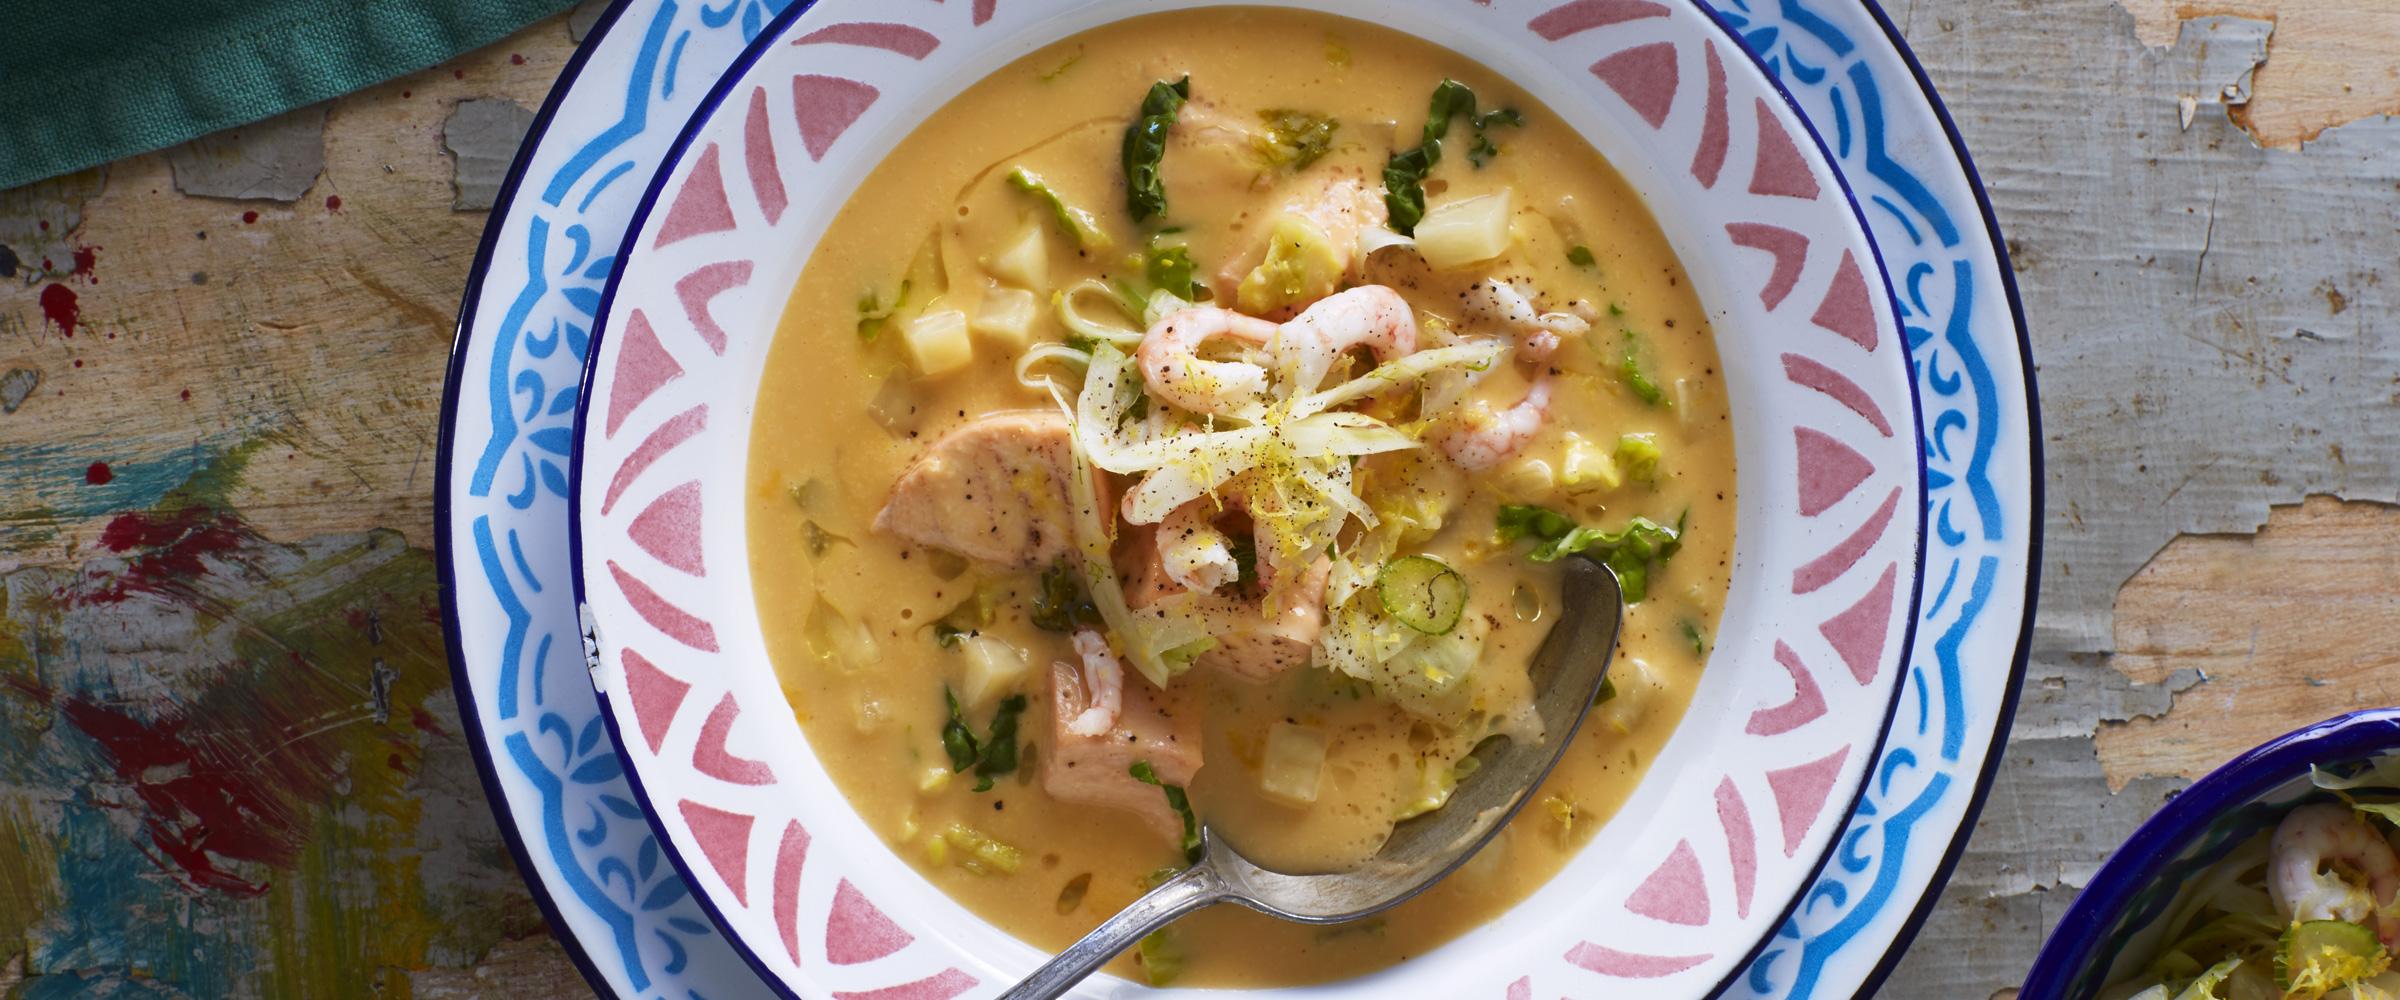 Snabb soppa till middag